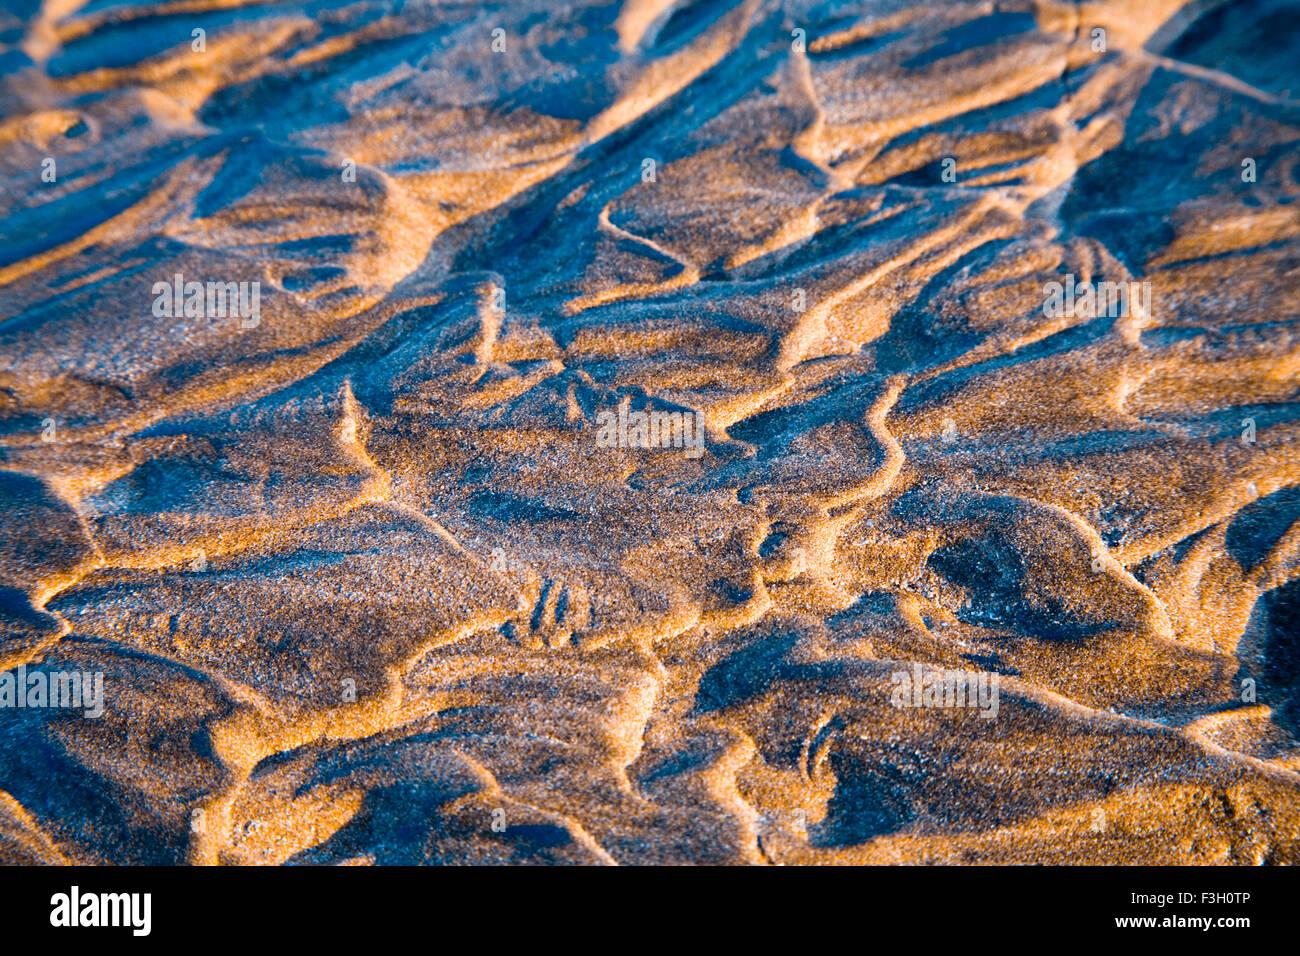 Creativos y la forma de la curva patrón de arena fina textura arte fotografía ; Aksa Malad beach ; ; ; ; Maharashtra Bombay Bombay India Foto de stock